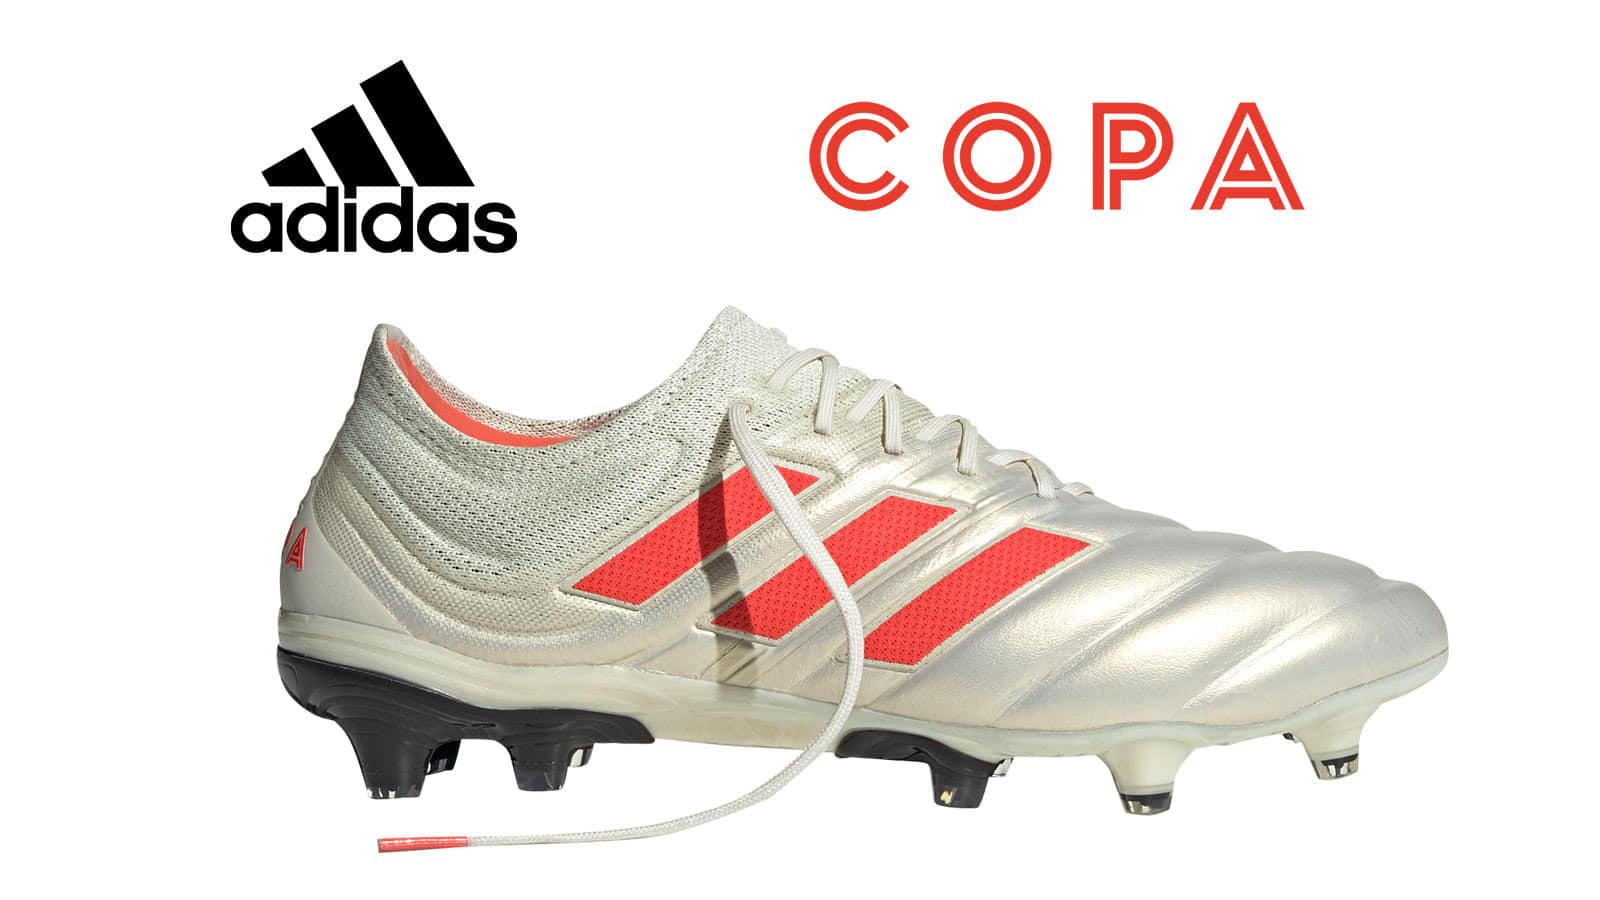 die adidas Copa 19 Fußballschuhe mit adidas Copa 19.1 FG